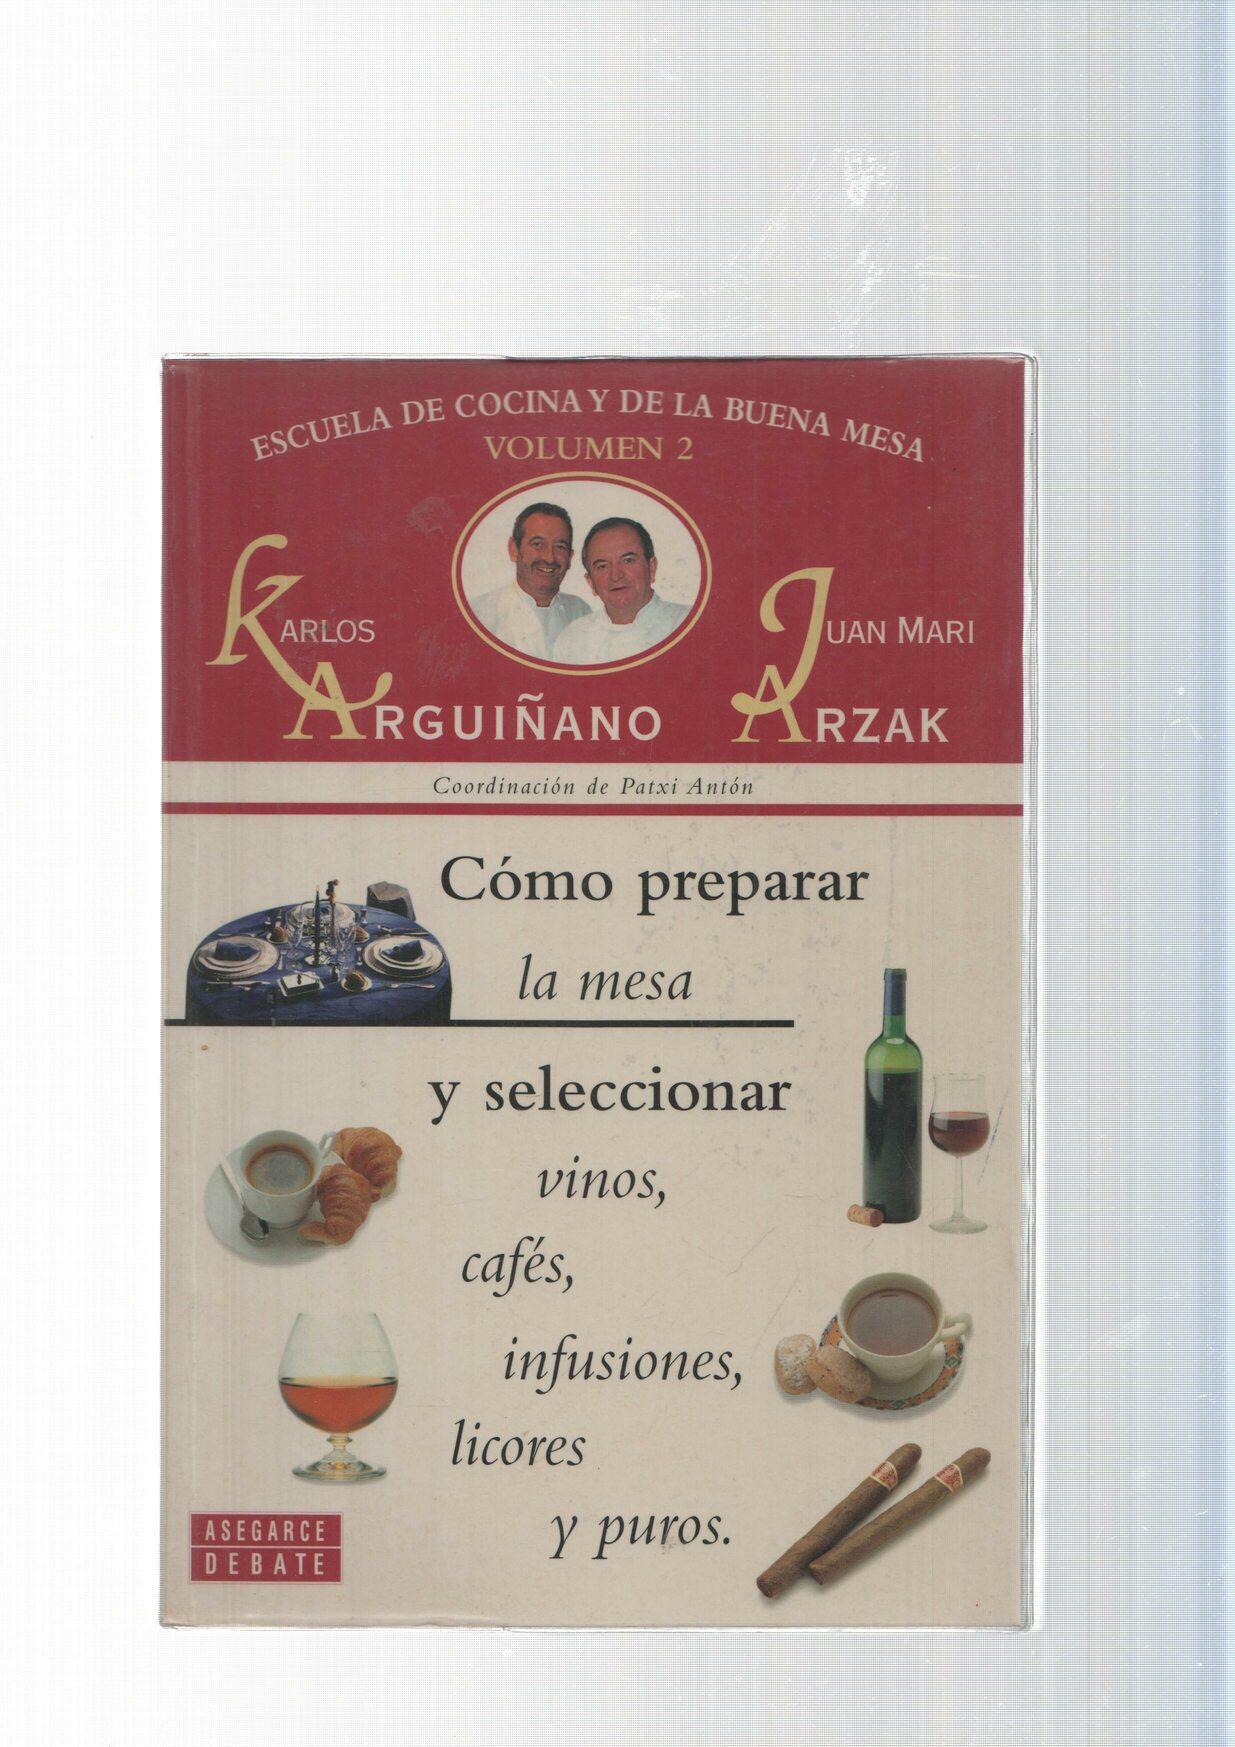 Escuela de cocina y de la buena mesa vol. 02: Como preparar la mesa ...